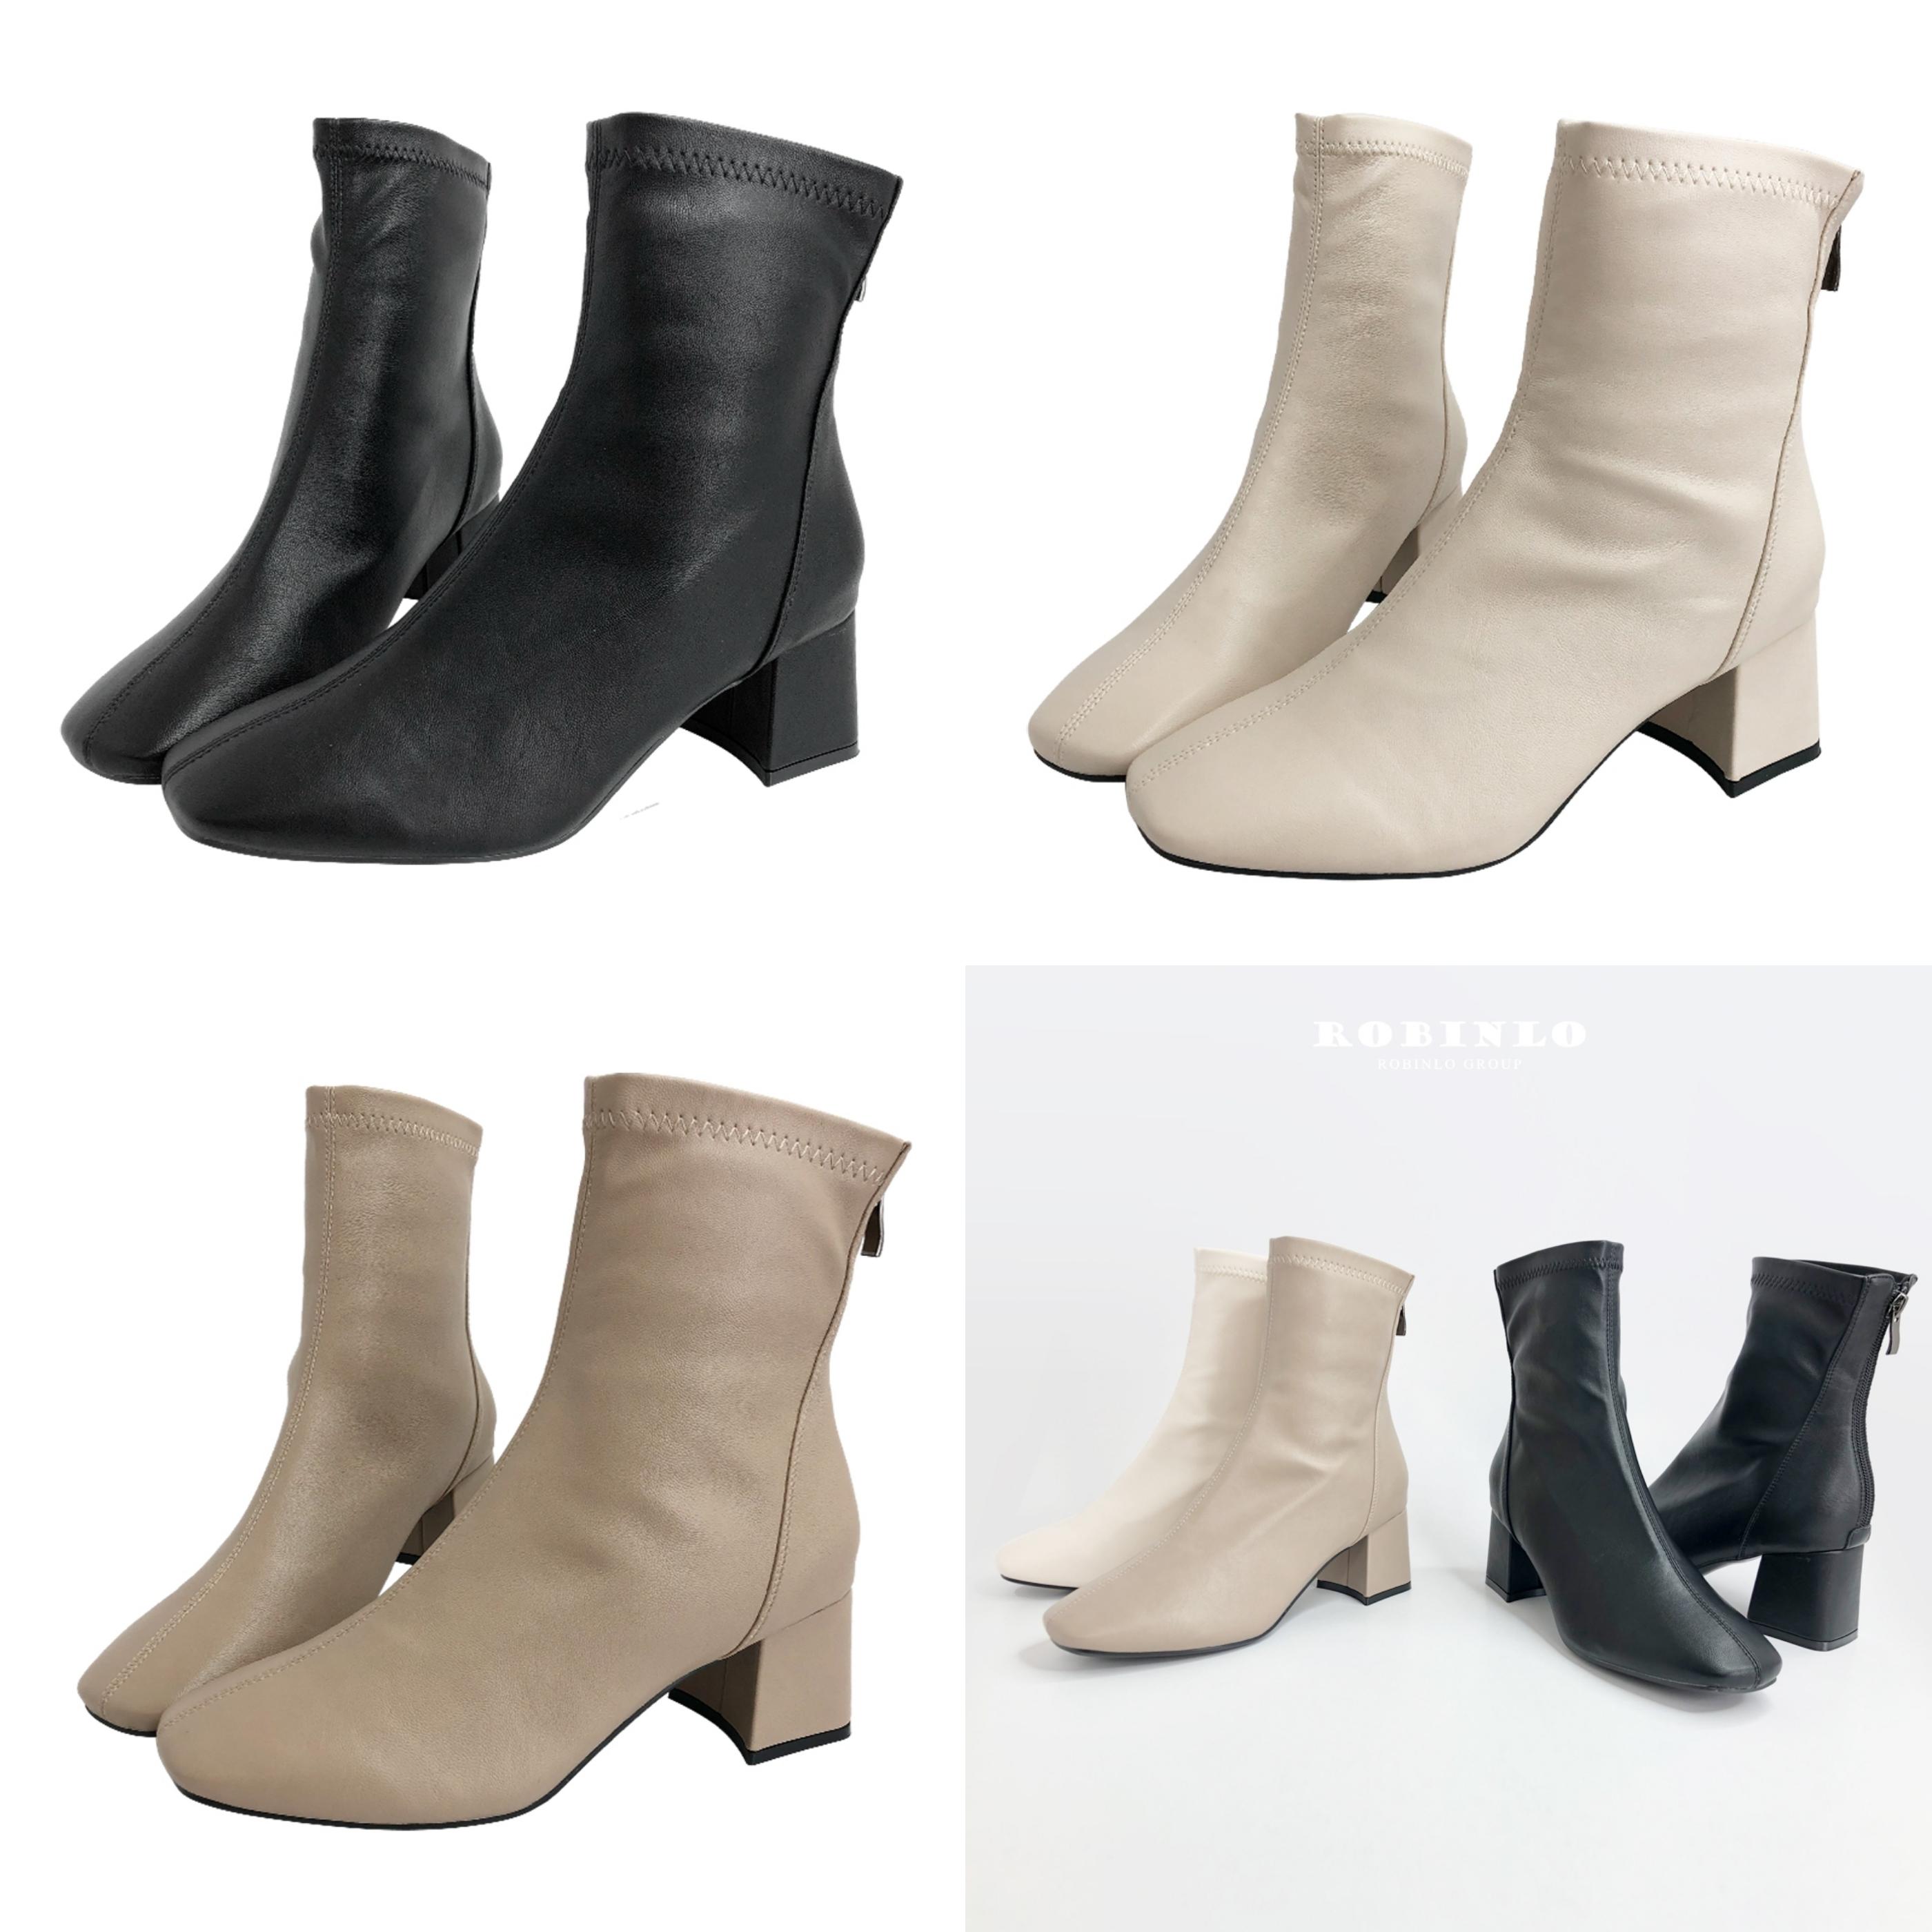 Robinlo完美焦點百搭素面顯瘦粗跟襪靴短靴(三色) 精美縫線X設計感線型剪裁,穿上時髦100分